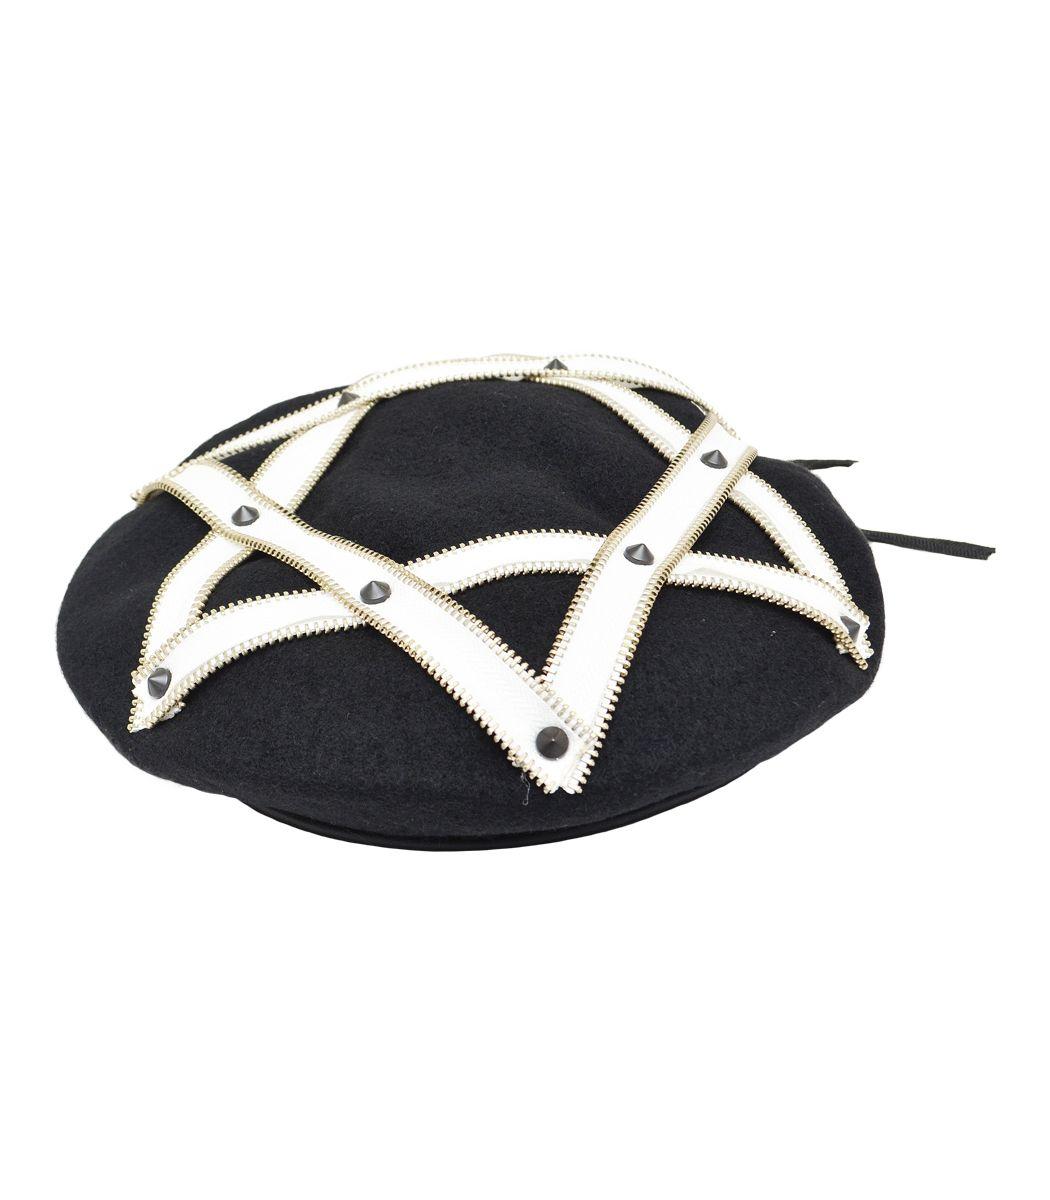 ジップヘキサグラムベレー帽